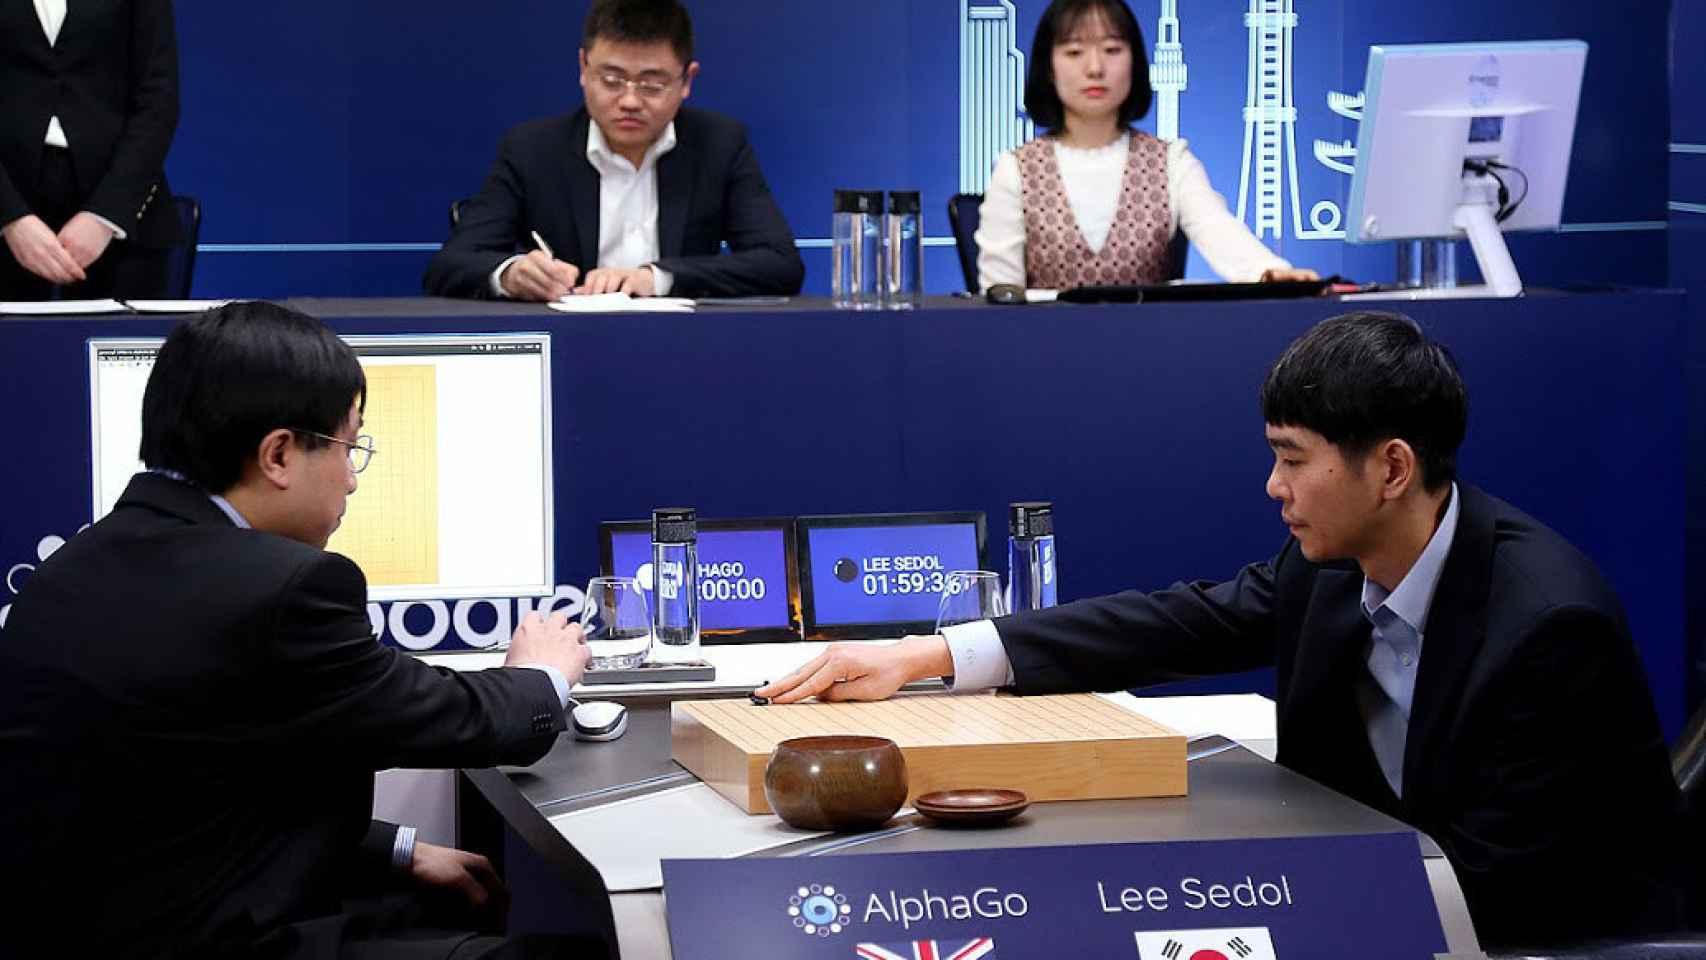 Lee Se-dol, a la derecha, juega contra el ordenador.